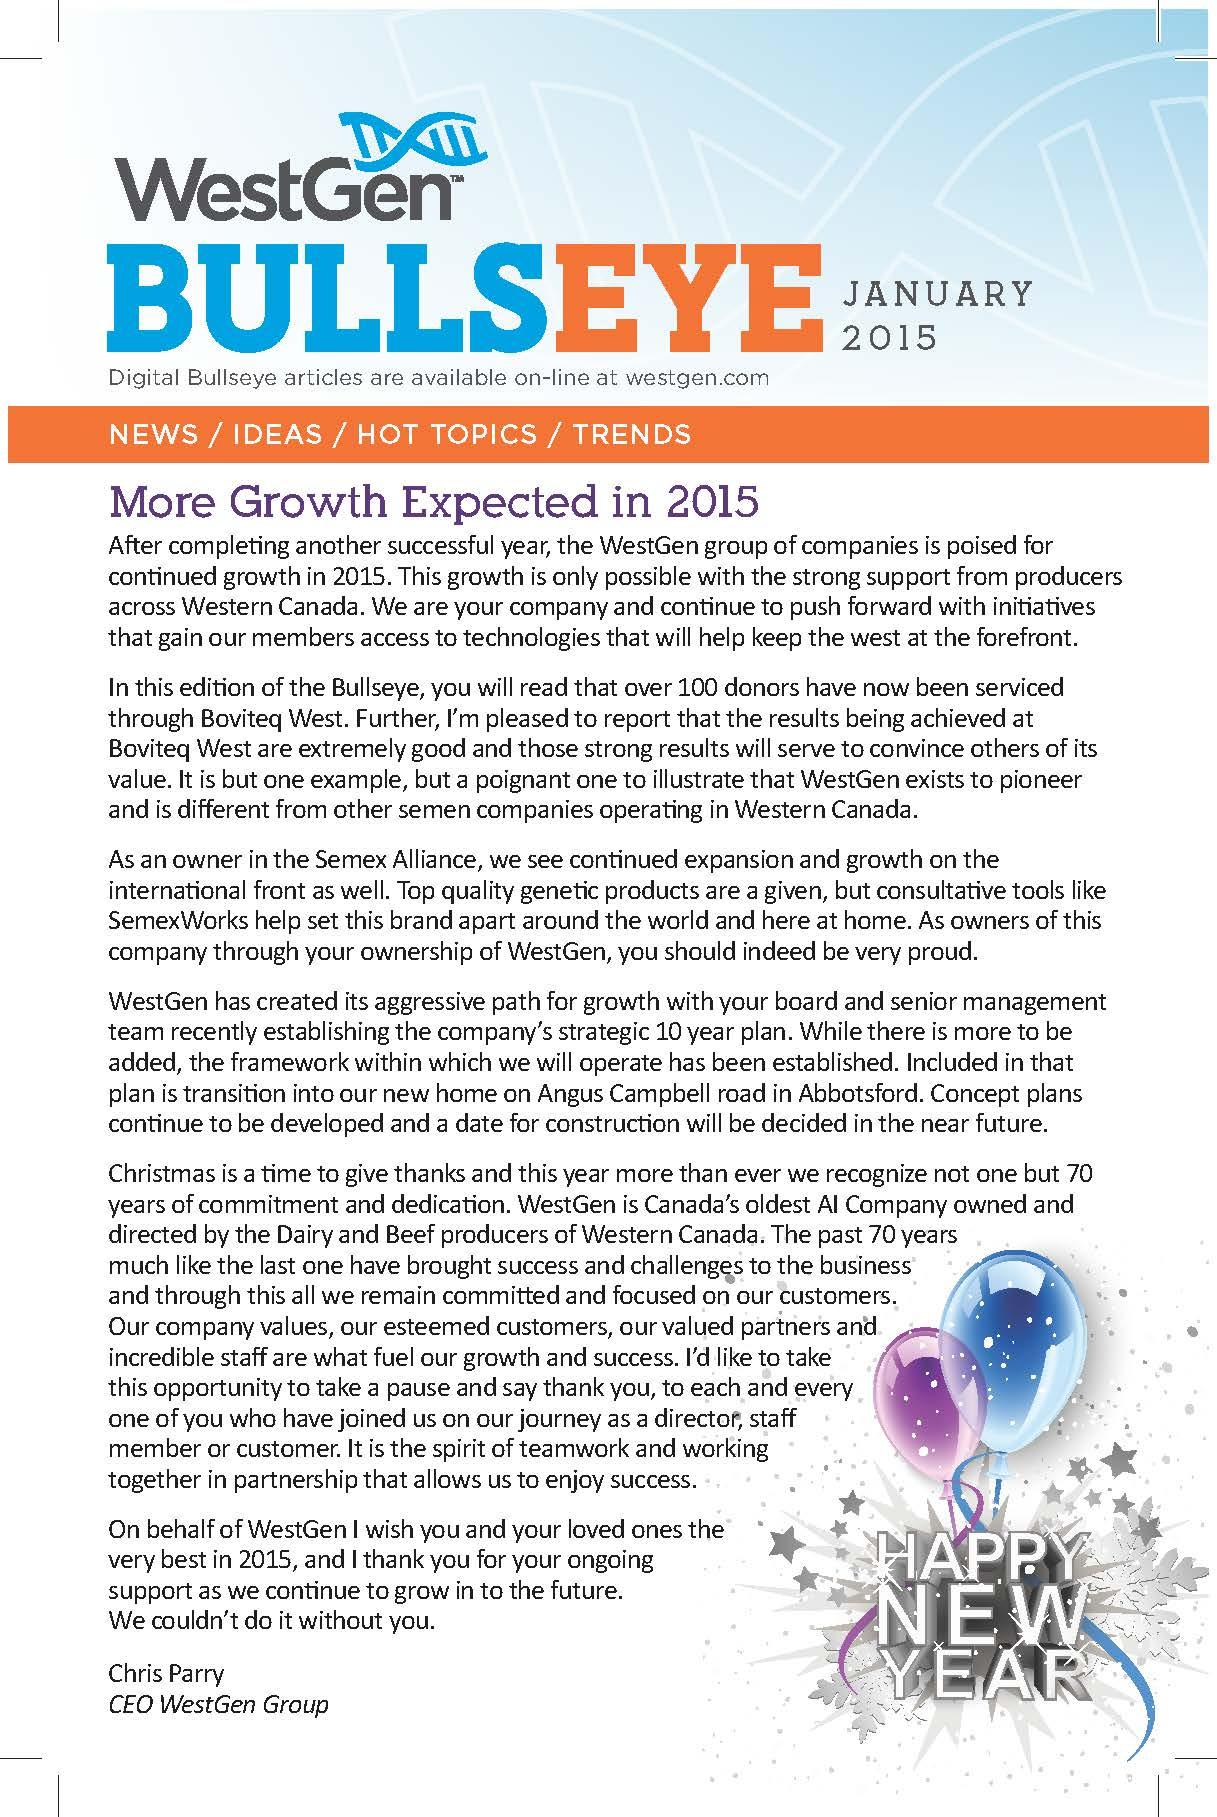 Bullseye January 2015